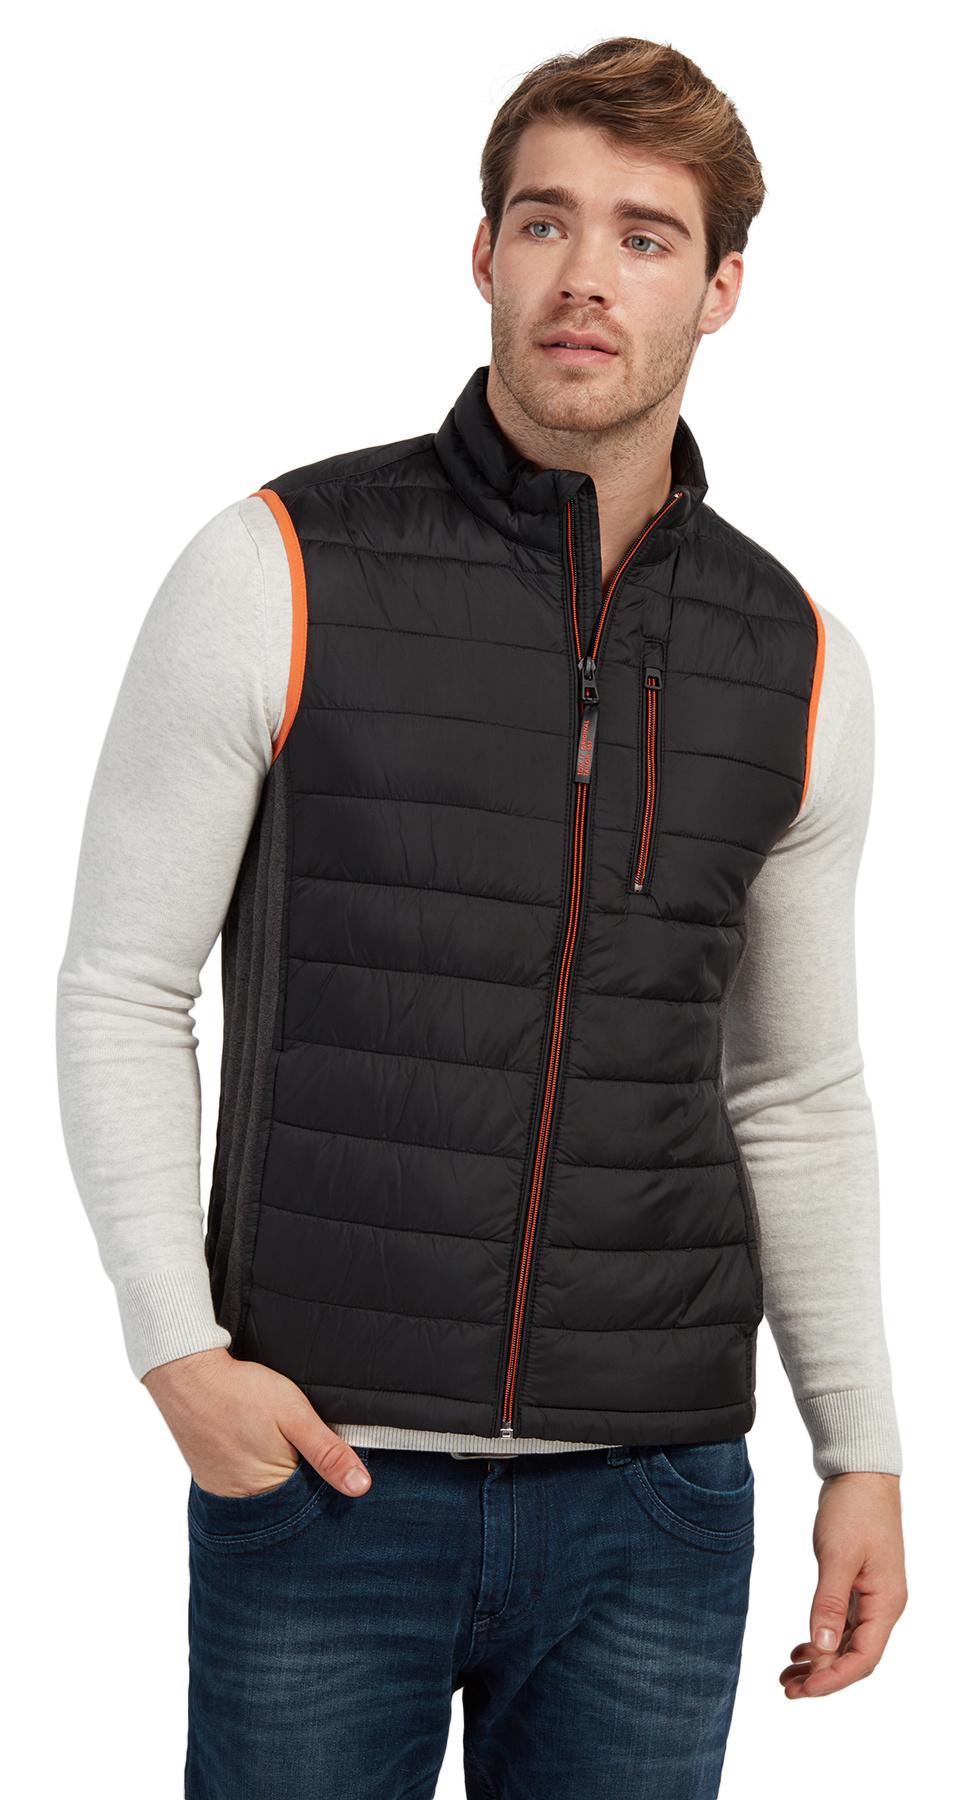 Tom Tailor lehká prošívaná vesta 35334670010/2999 Černá XL